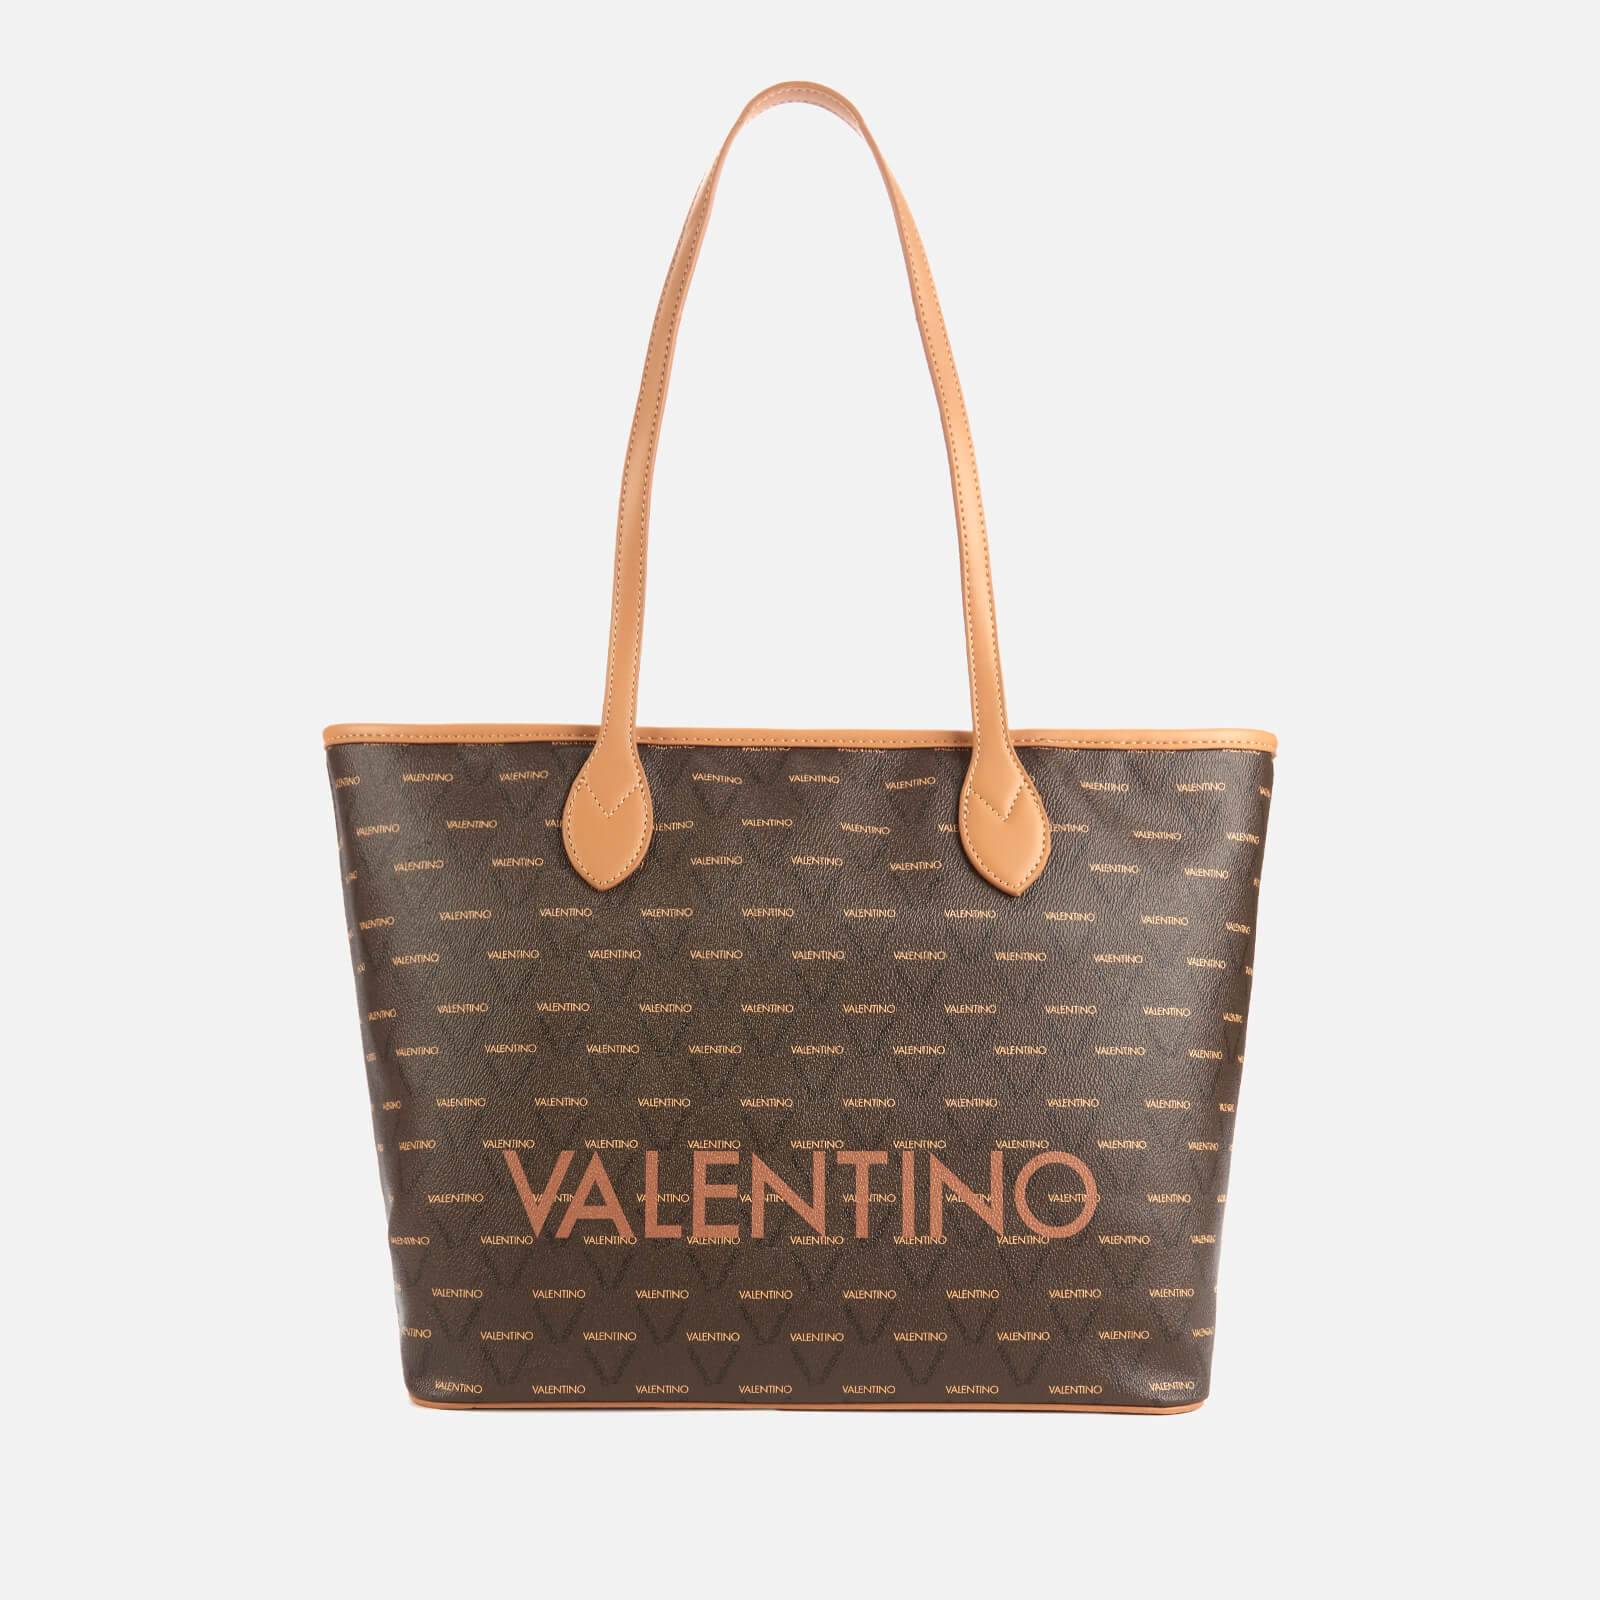 Valentino Bags Women's Liuto Tote Bag - Tan/Multi